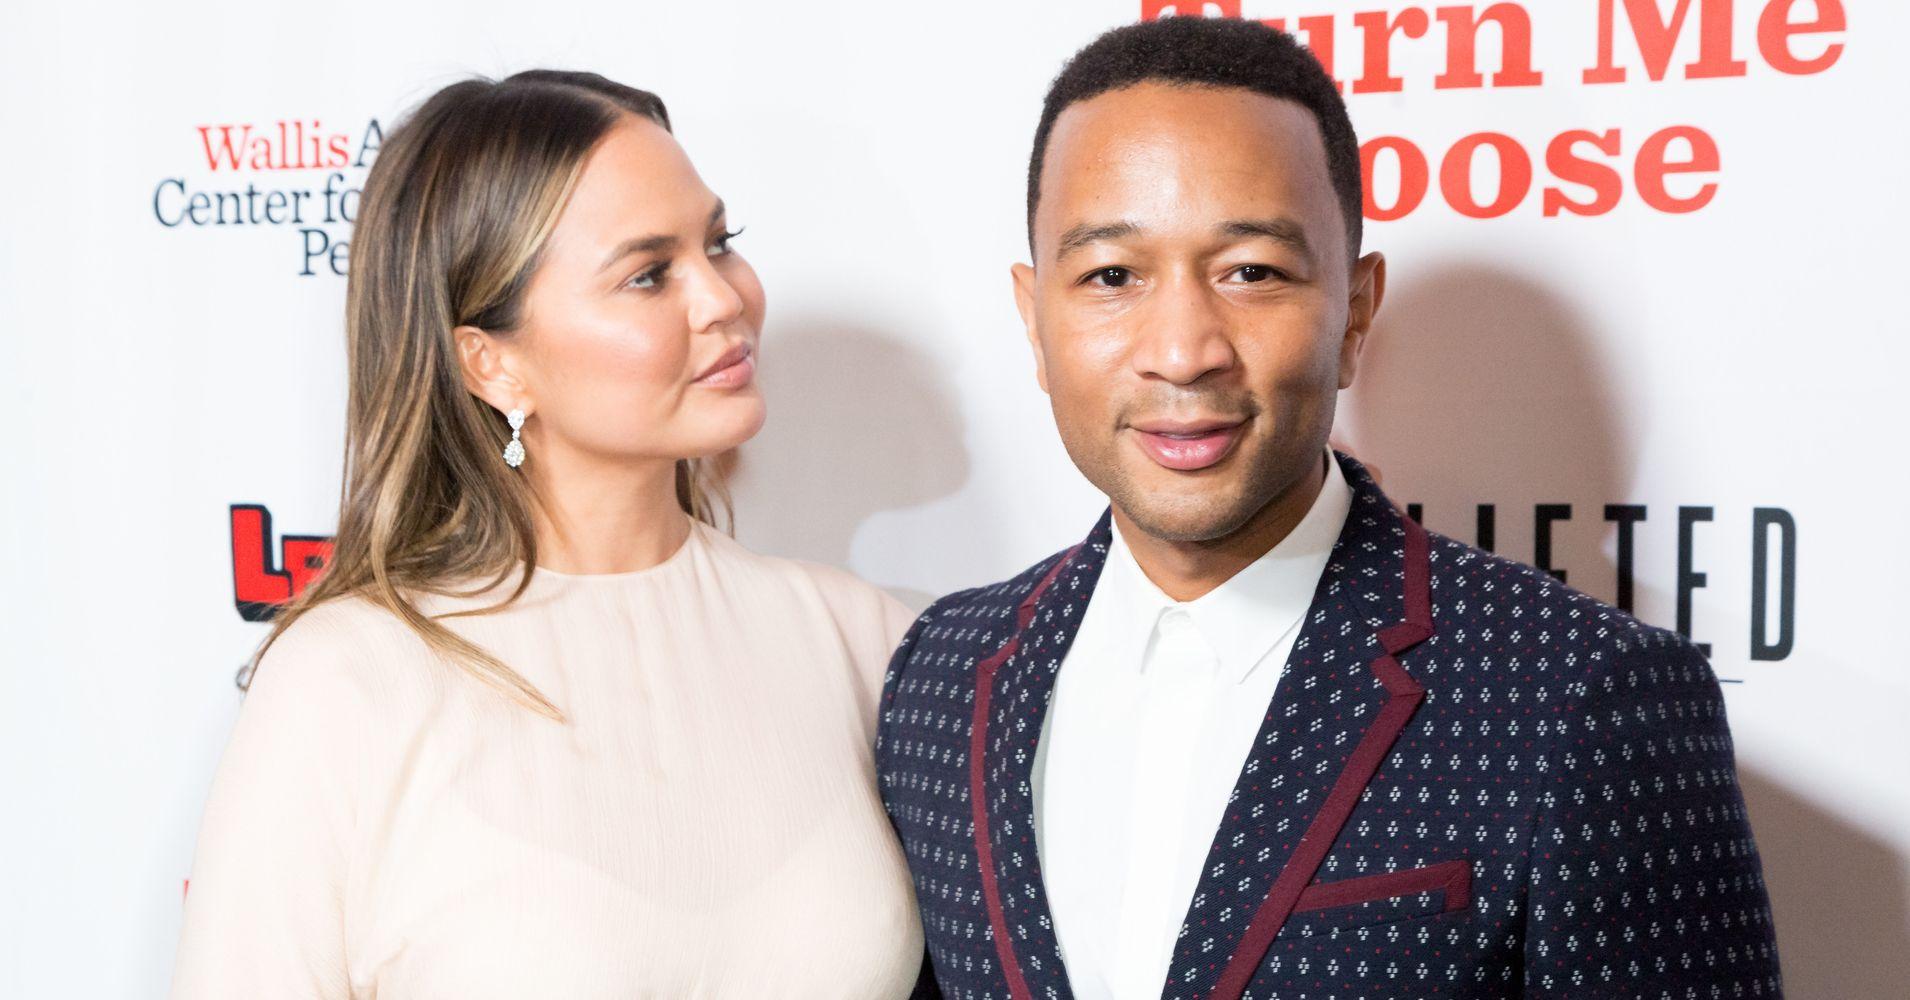 Chrissy Teigen Calls John Legend An A**hole In Sweet Anniversary Post